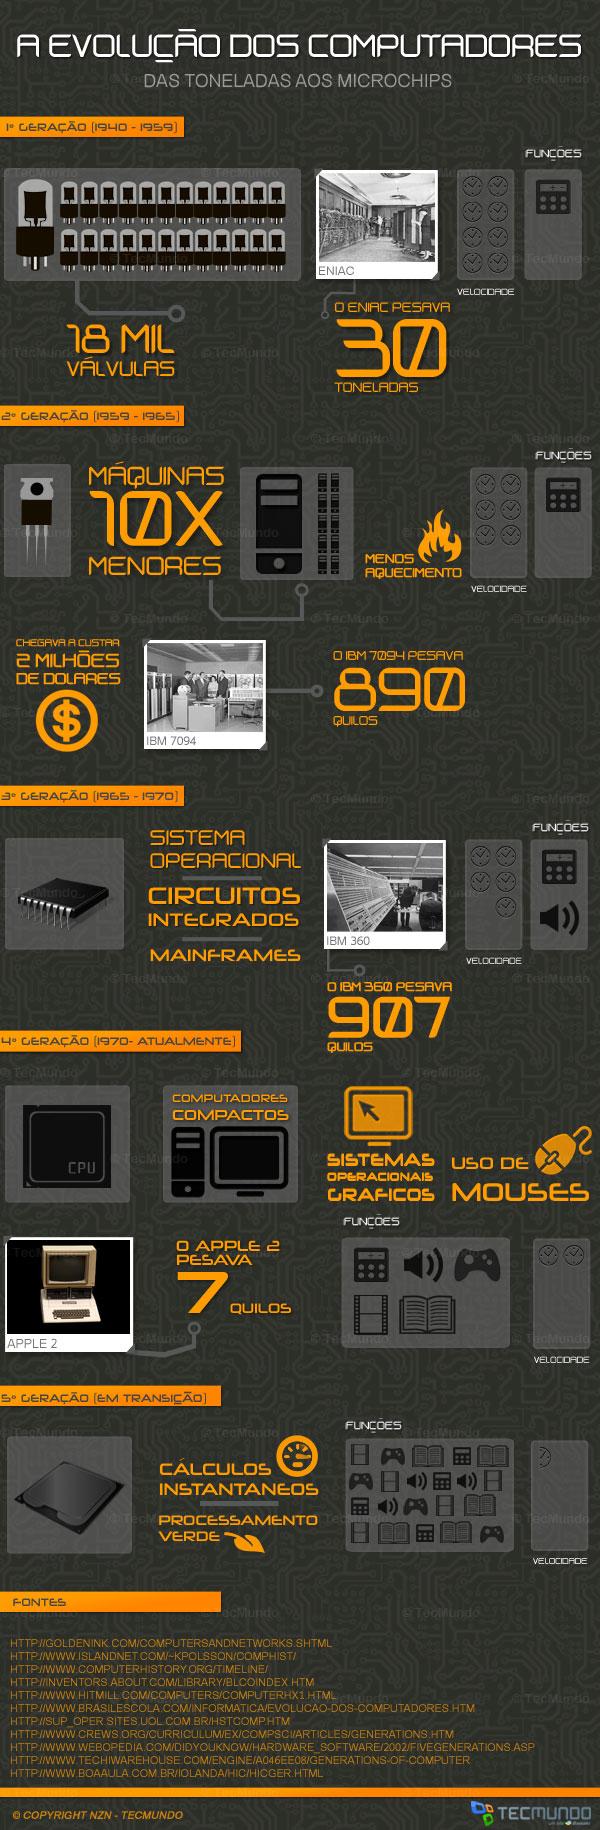 Das toneladas aos microchips